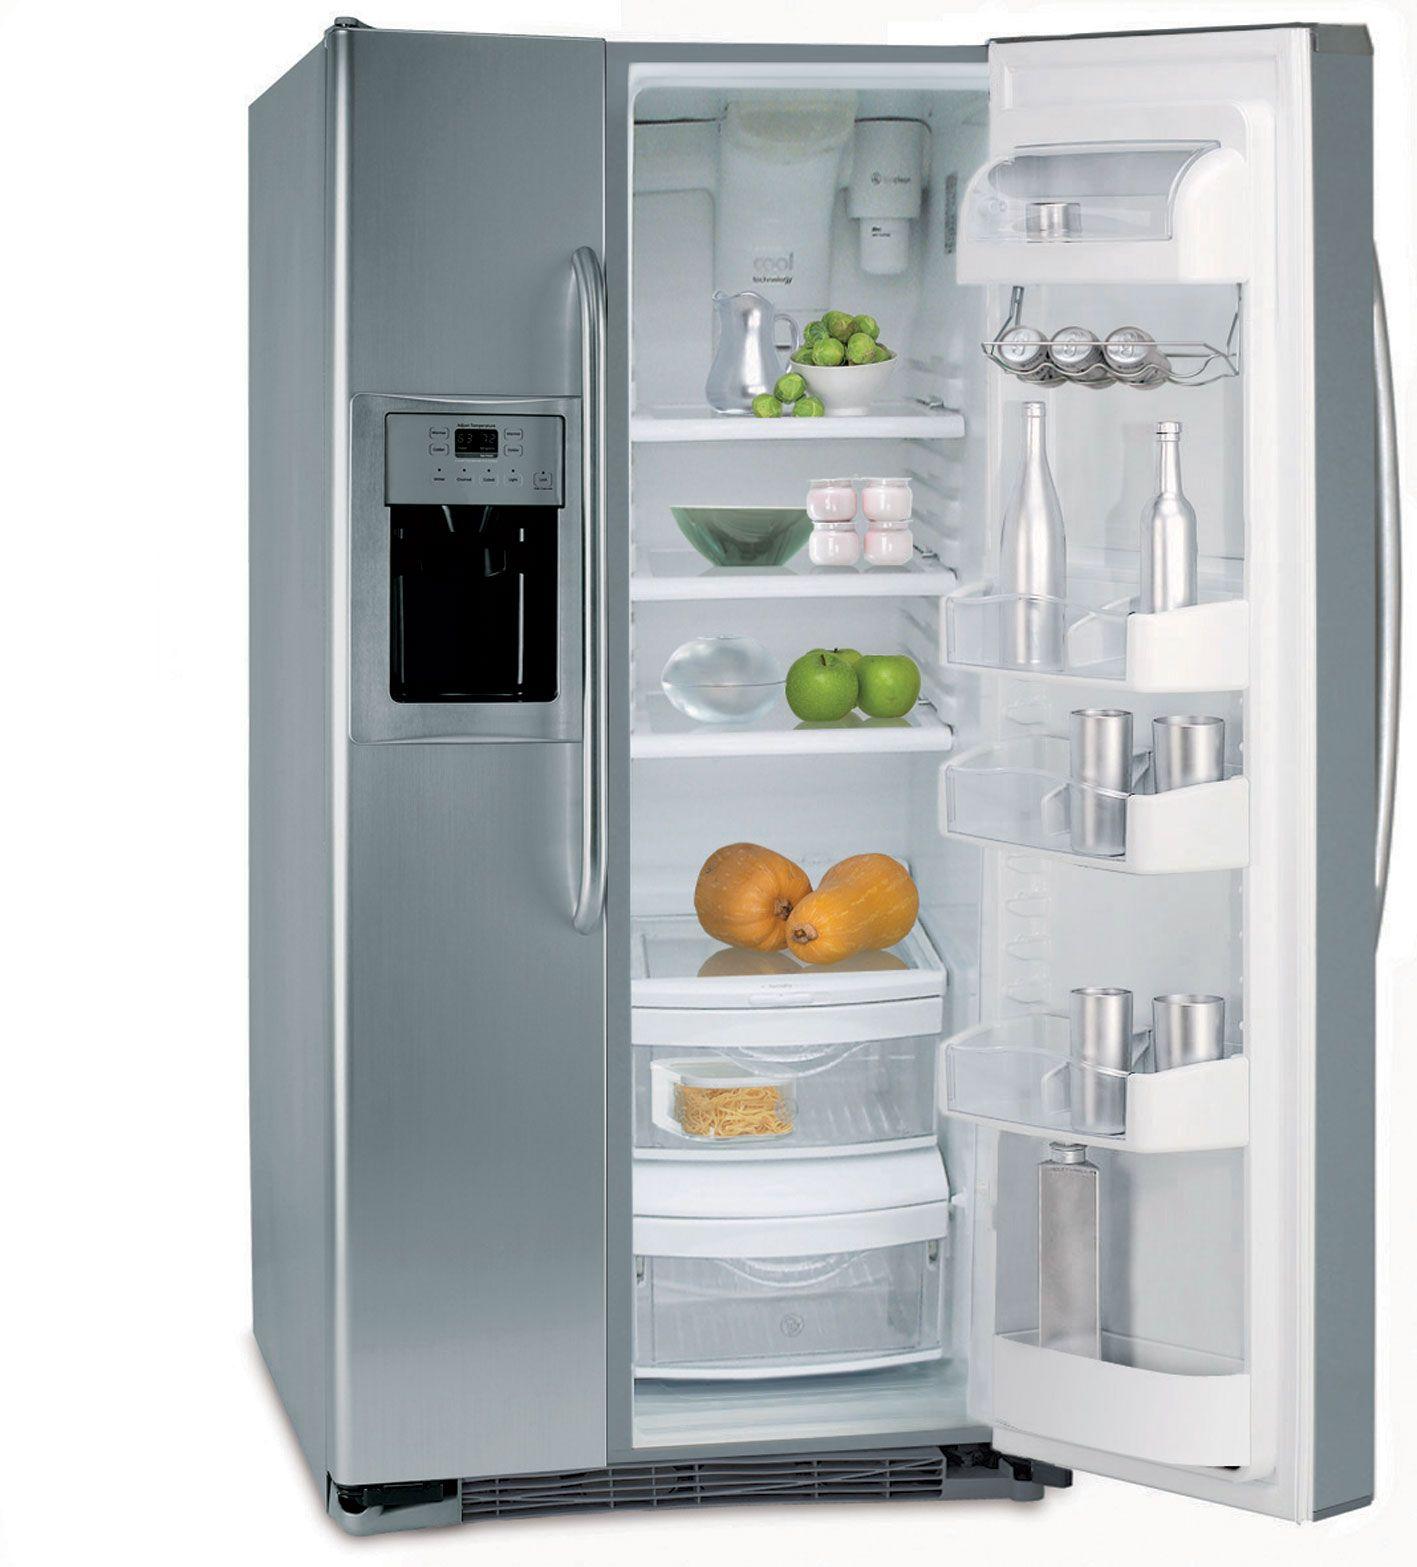 Mẹo khử mùi hôi tủ lạnh bạn nên biết